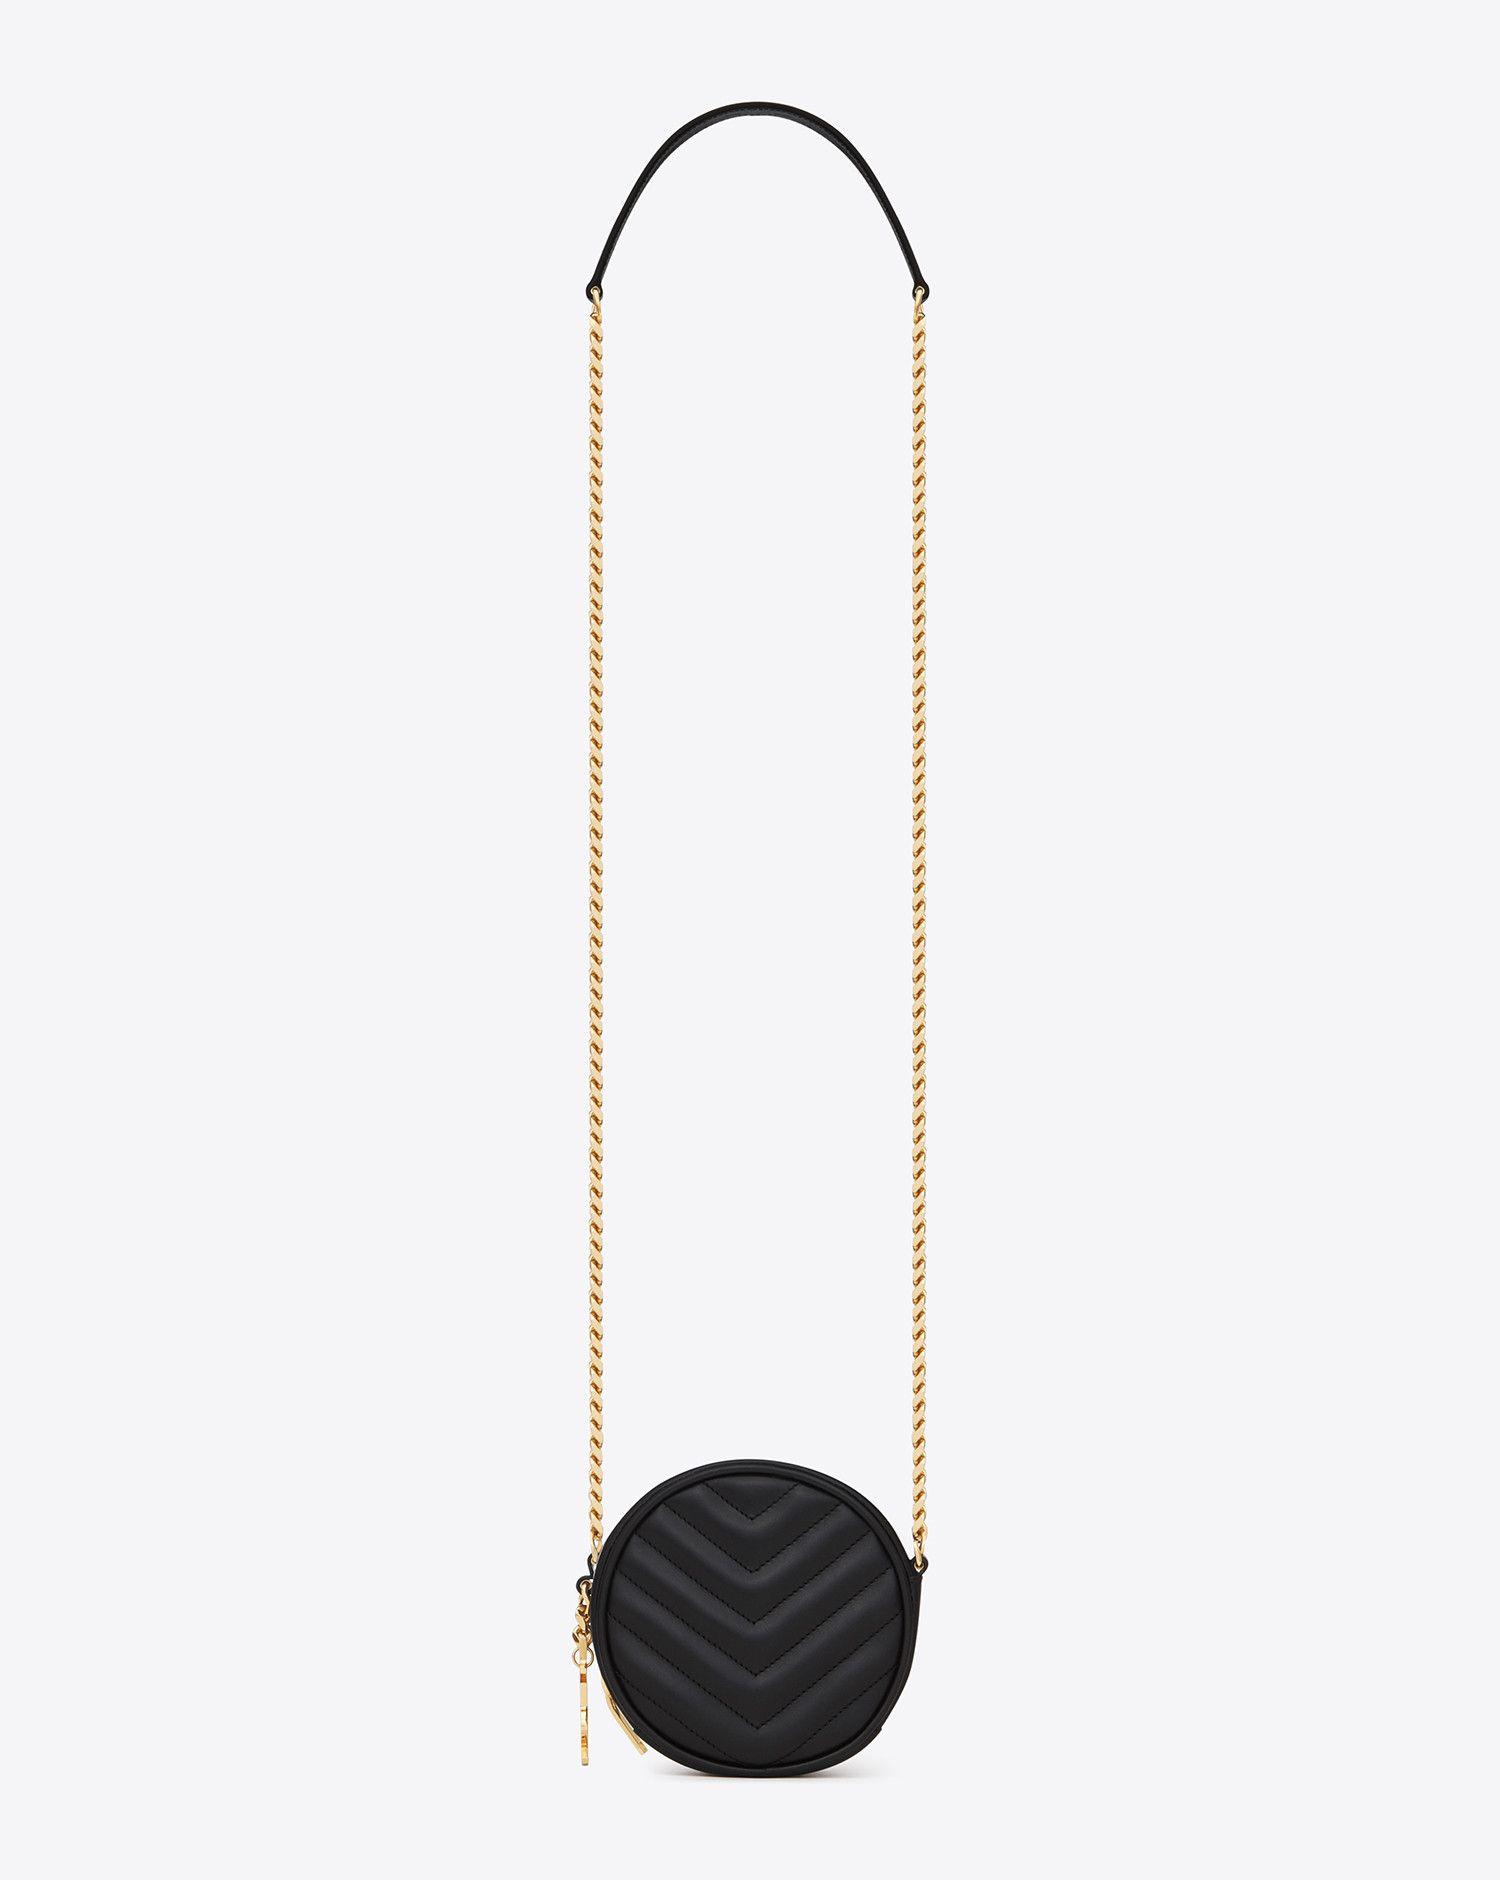 8798634a21 Saint Laurent Small Monogram Saint Laurent Bubble Bag In Black ...